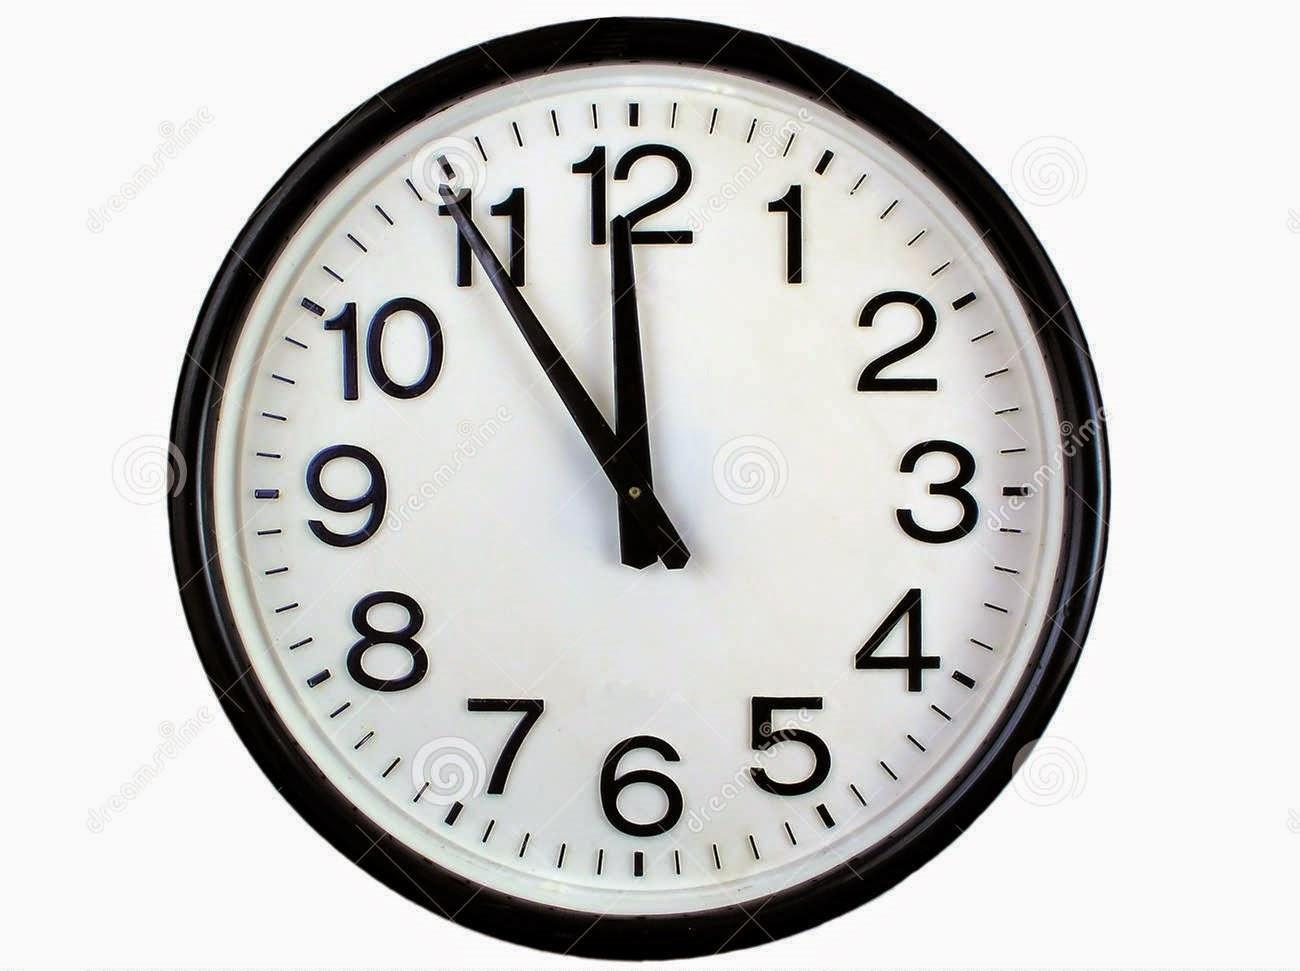 Enroque De Ciencia Las 1010 De Los Relojes Razones Lógicas Y 2